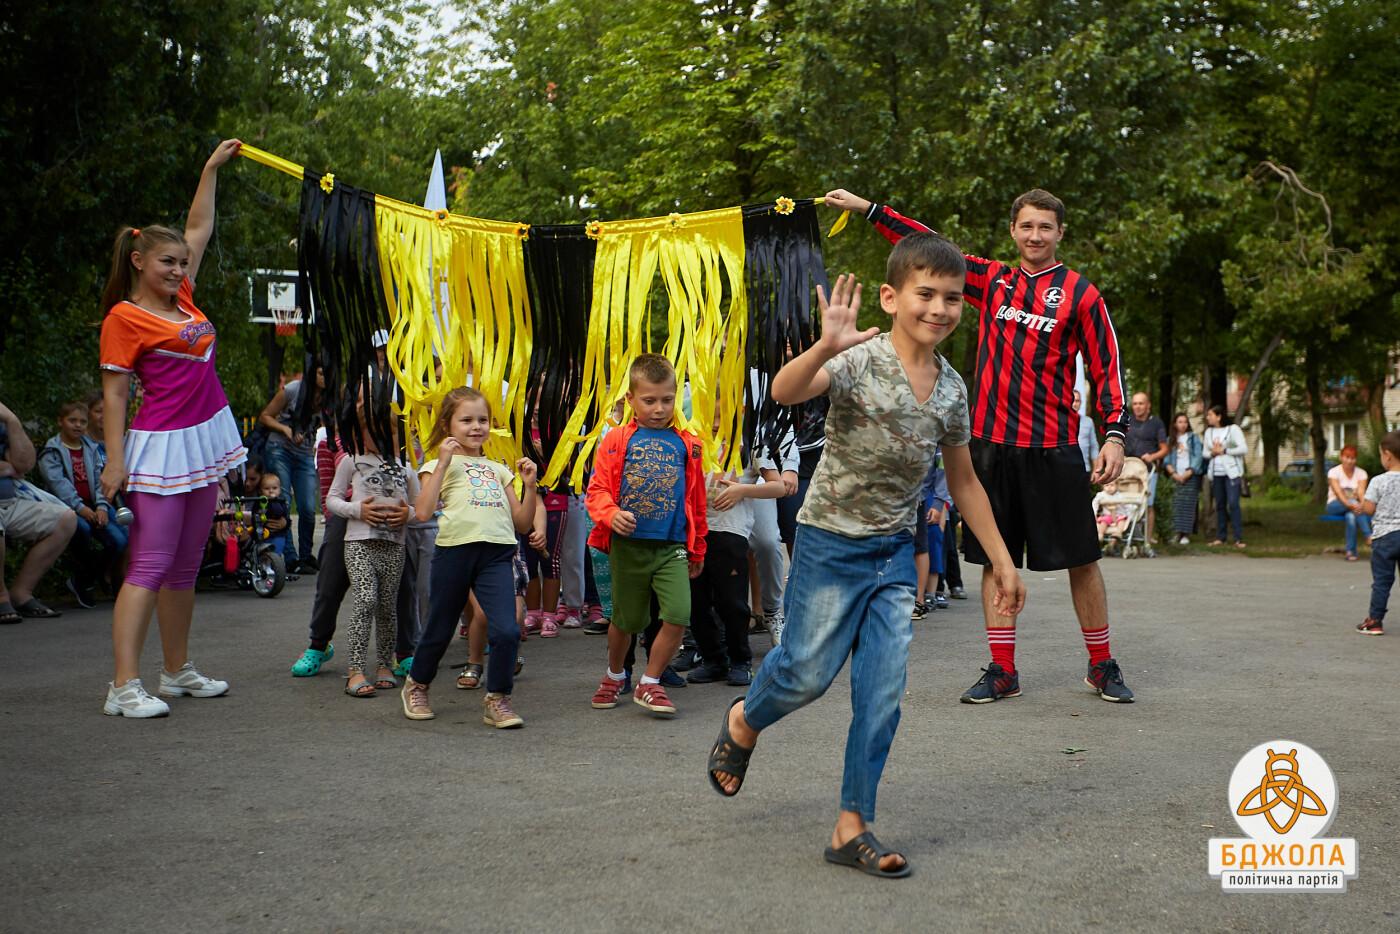 Аниматоры, конкурсы и подарки: на Днепрострое в Каменском прошел детский праздник, фото-2